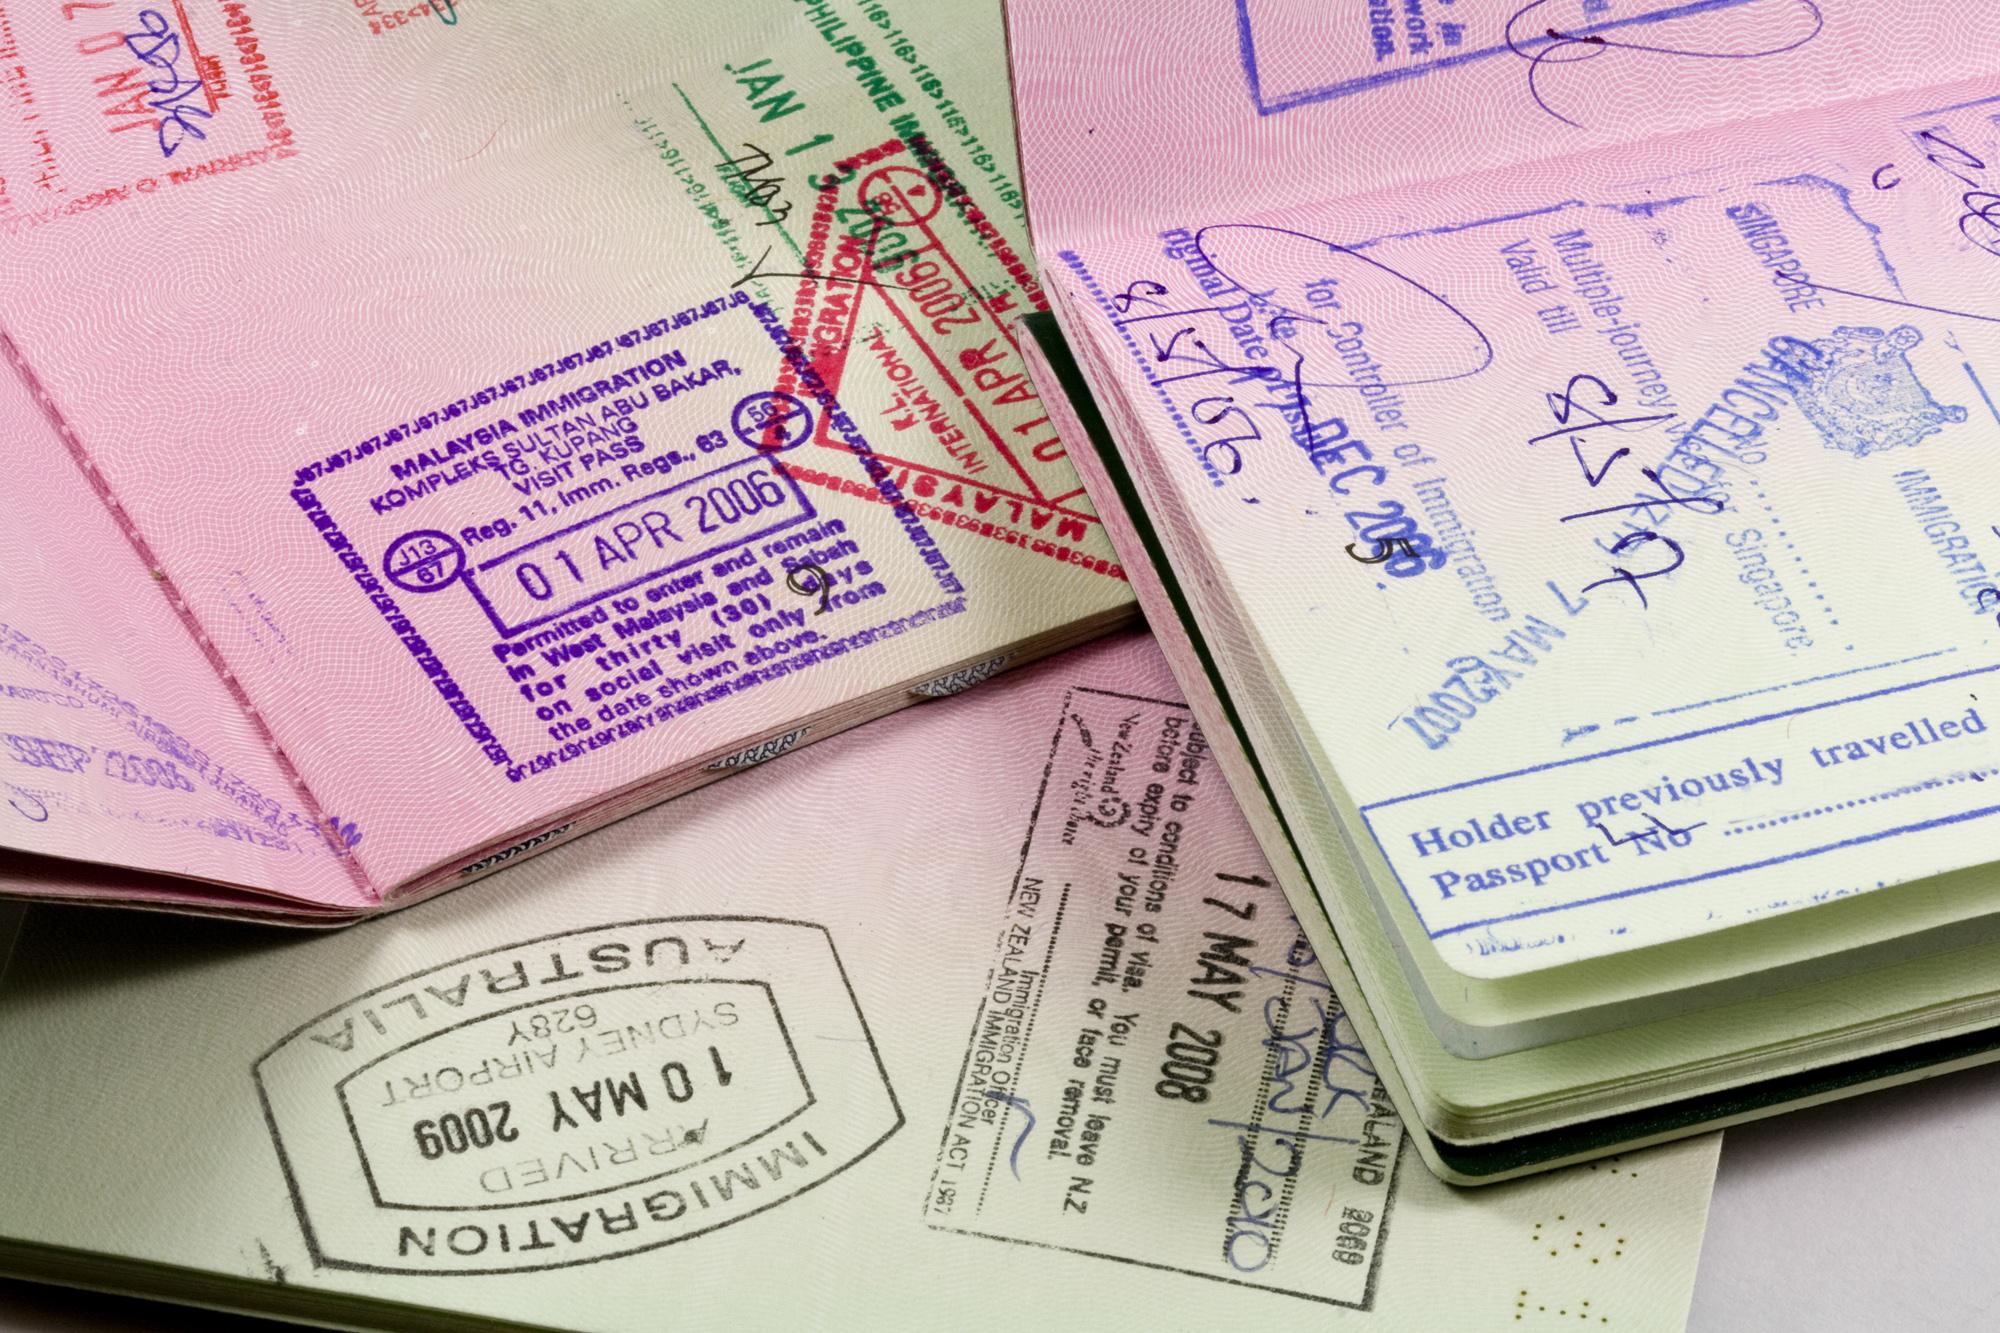 Formalités : Népal, Laos, Indonésie : prolongation de la validité des visas délivrés - Routard.com